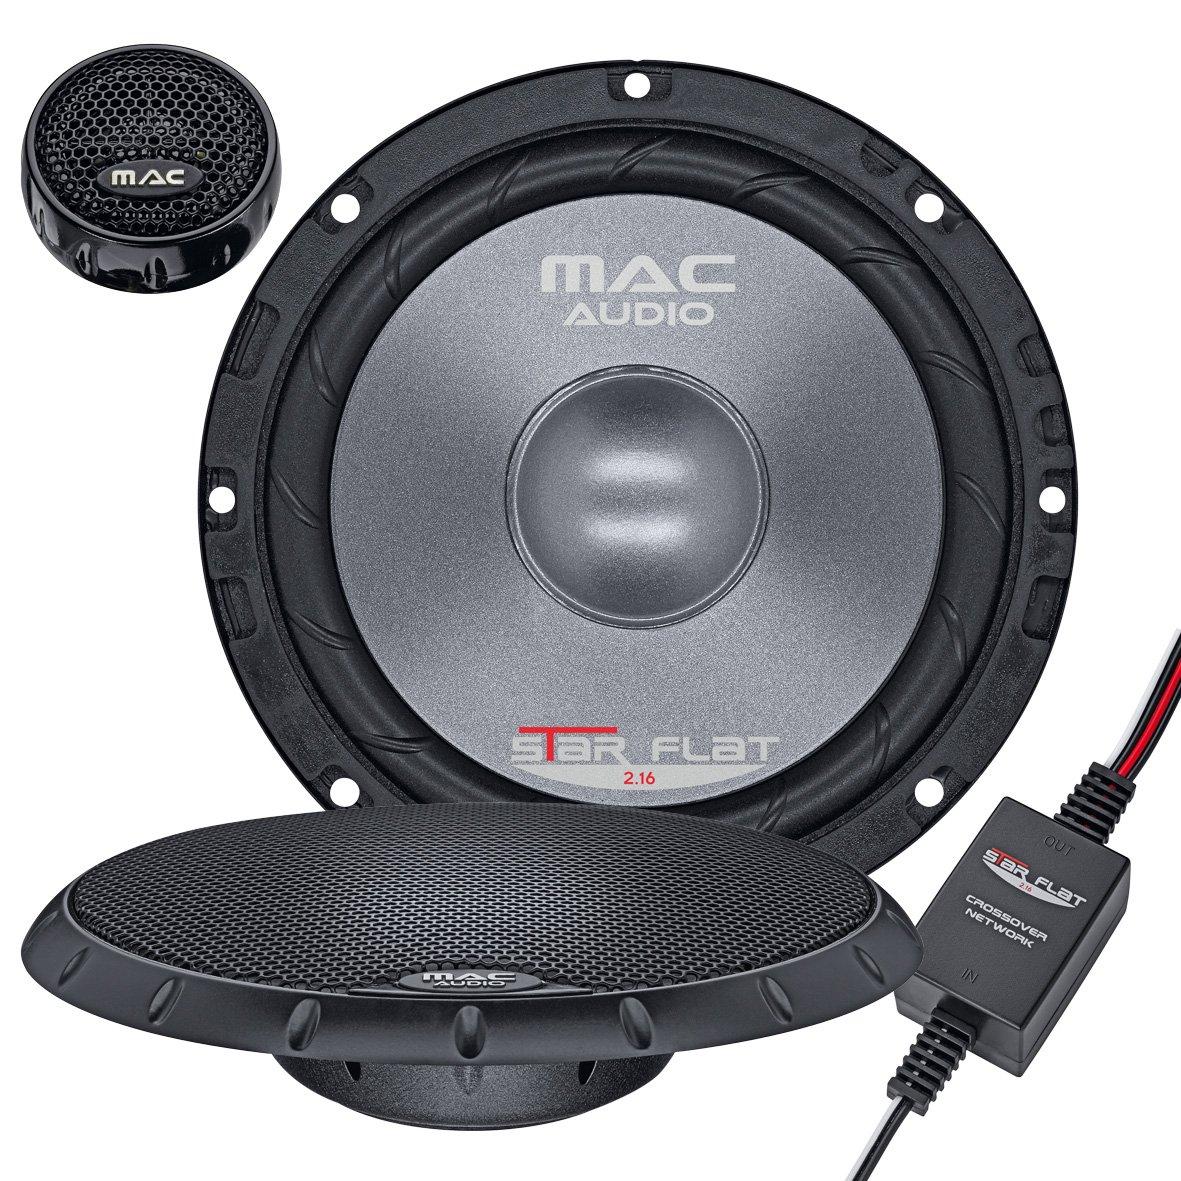 Mac Audio 1107133 Star Flat 13.2 - ultraflacher 2-Wege Koaxial Einbaulautsprecher Magnat Audio-Produkte GmbH